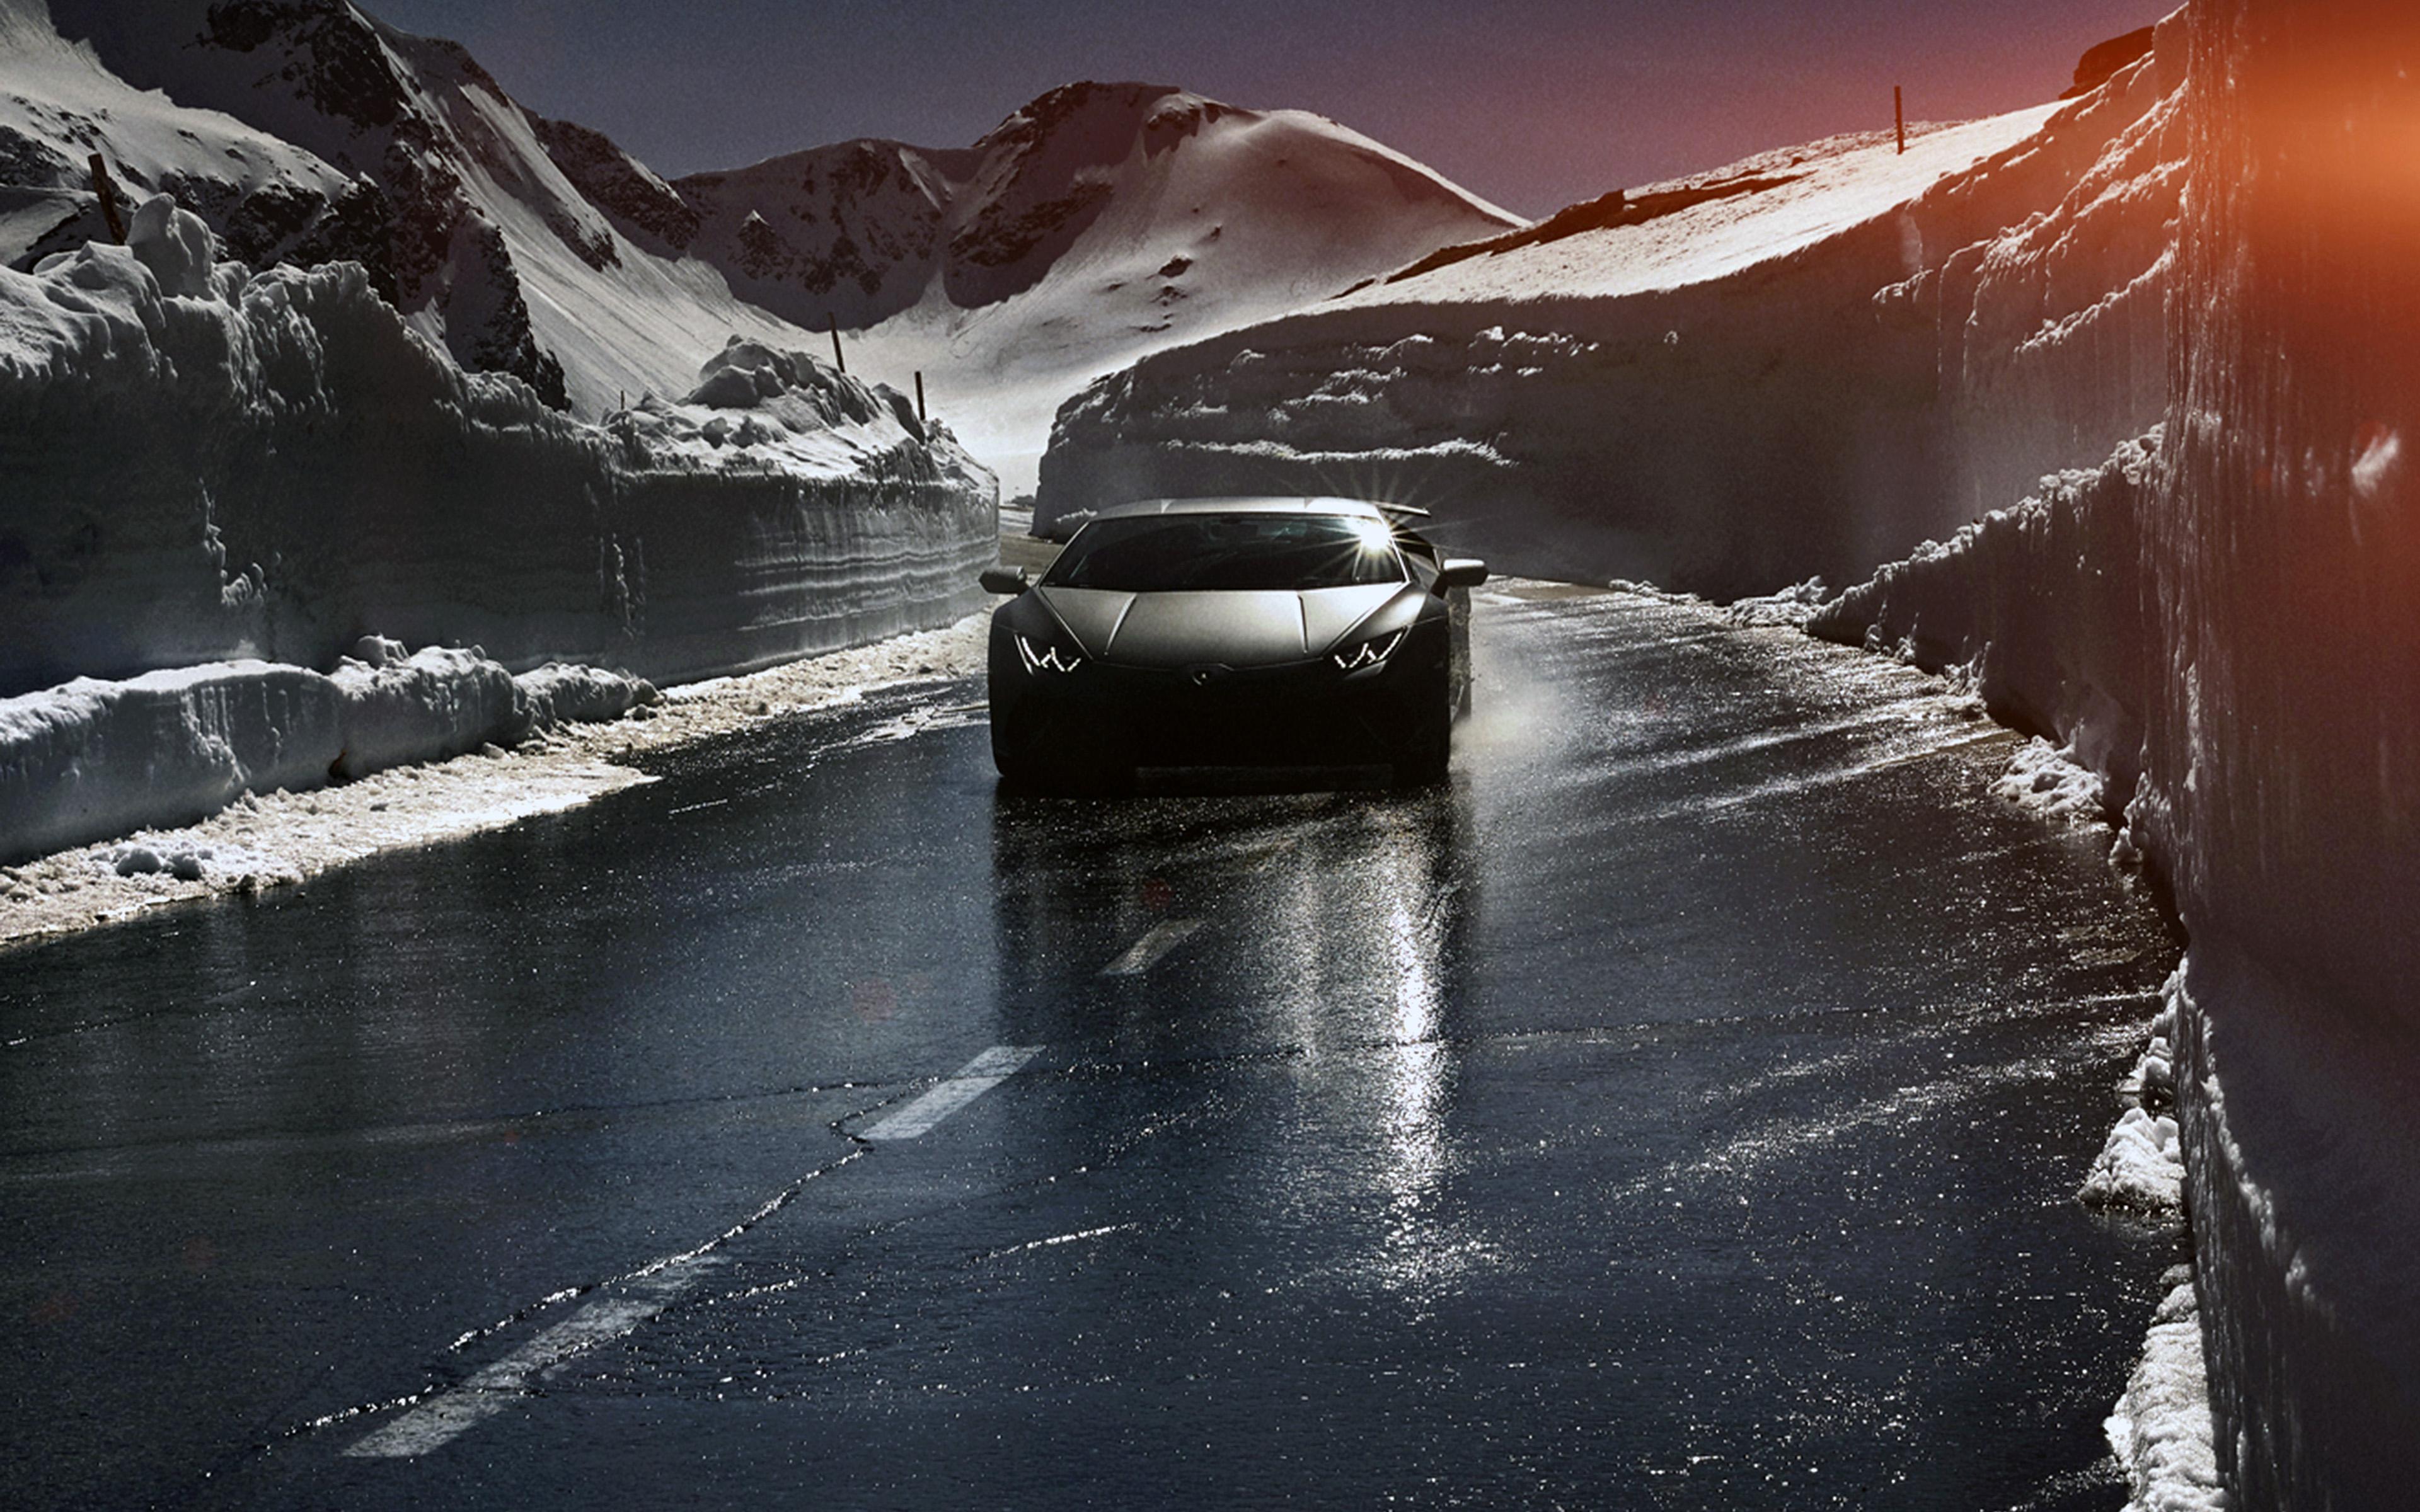 Car Lamborghini Car Dark Road Drive Art Winter 4k Hd Iphone Wallpaper Lamborghini 1368393 Hd Wallpaper Backgrounds Download